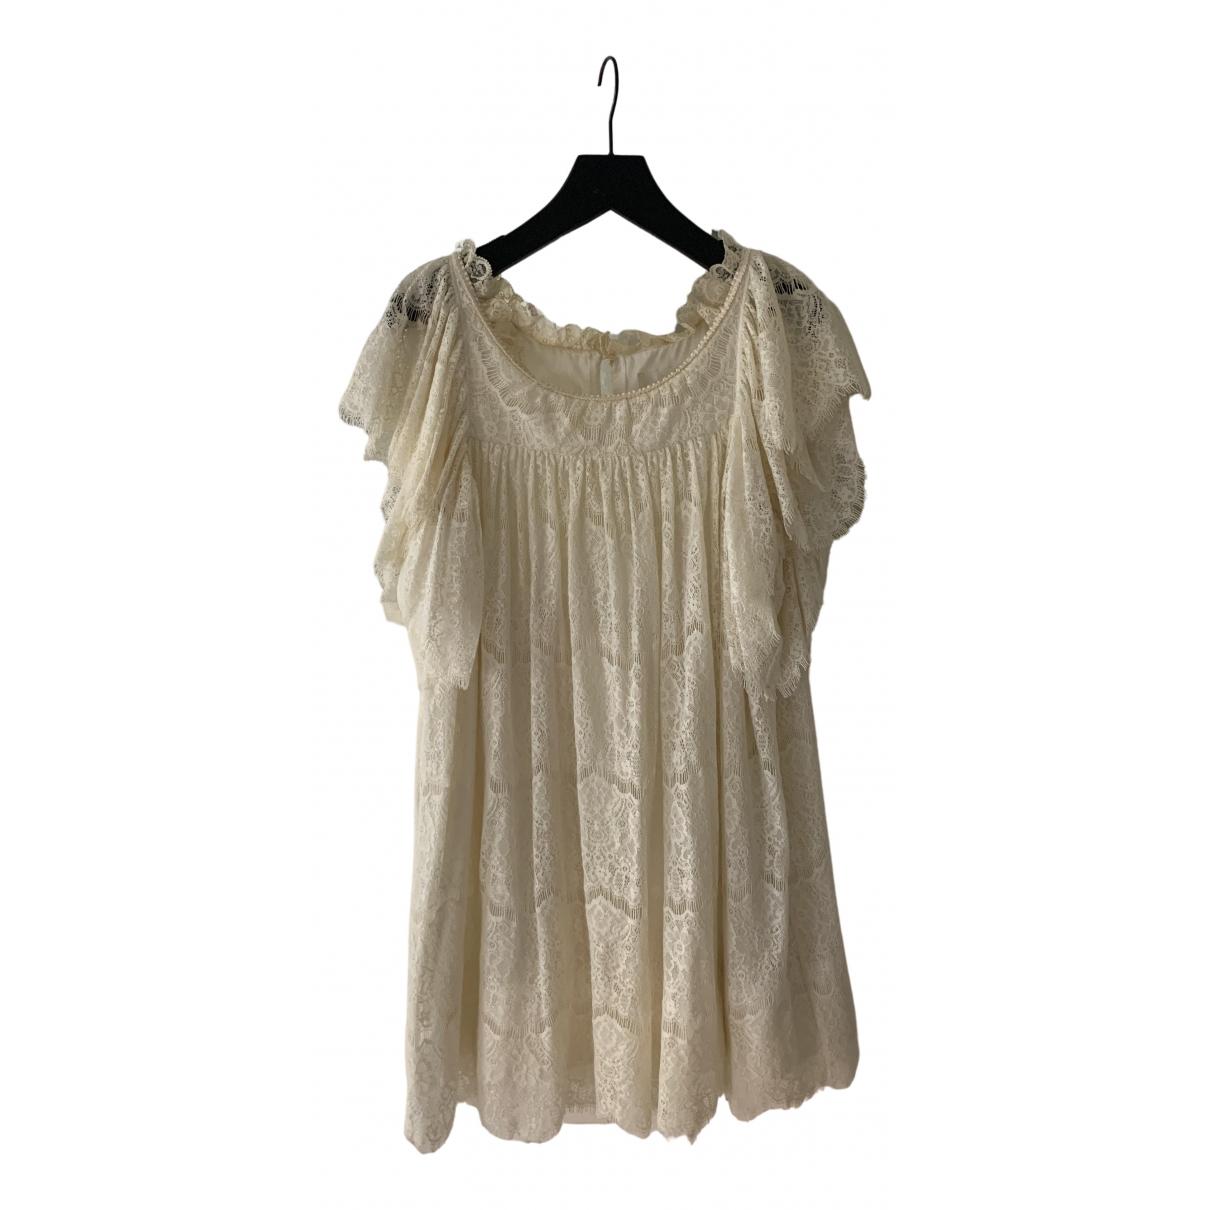 Jill Stuart \N Kleid in  Ecru Spitze